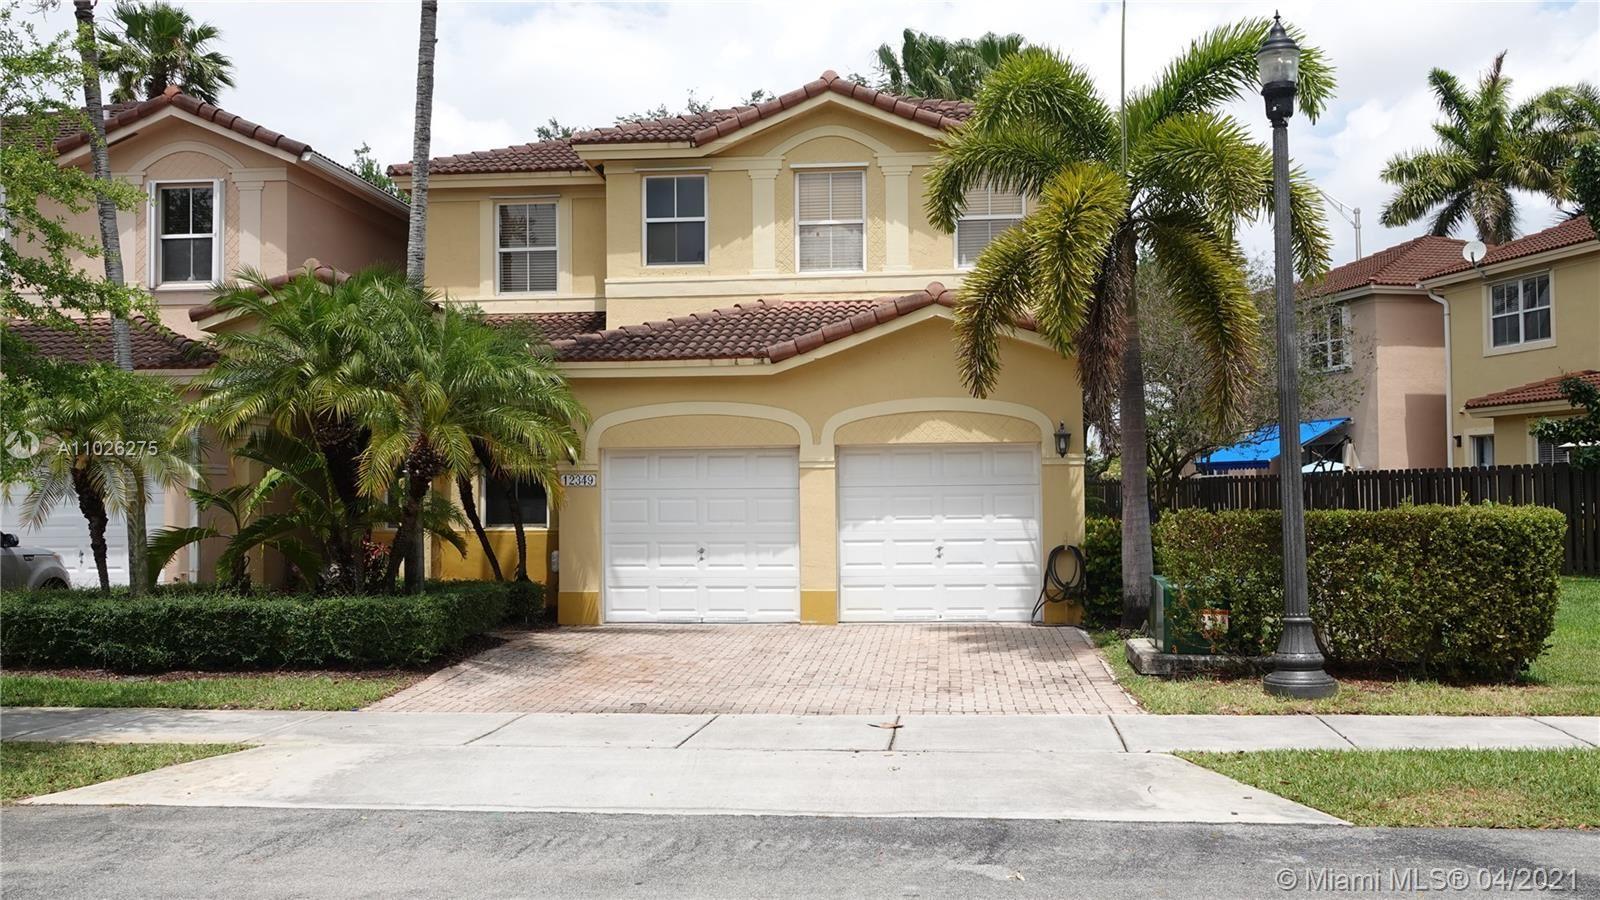 12349 SW 121st Ter #-, Miami, FL 33186 - #: A11026275